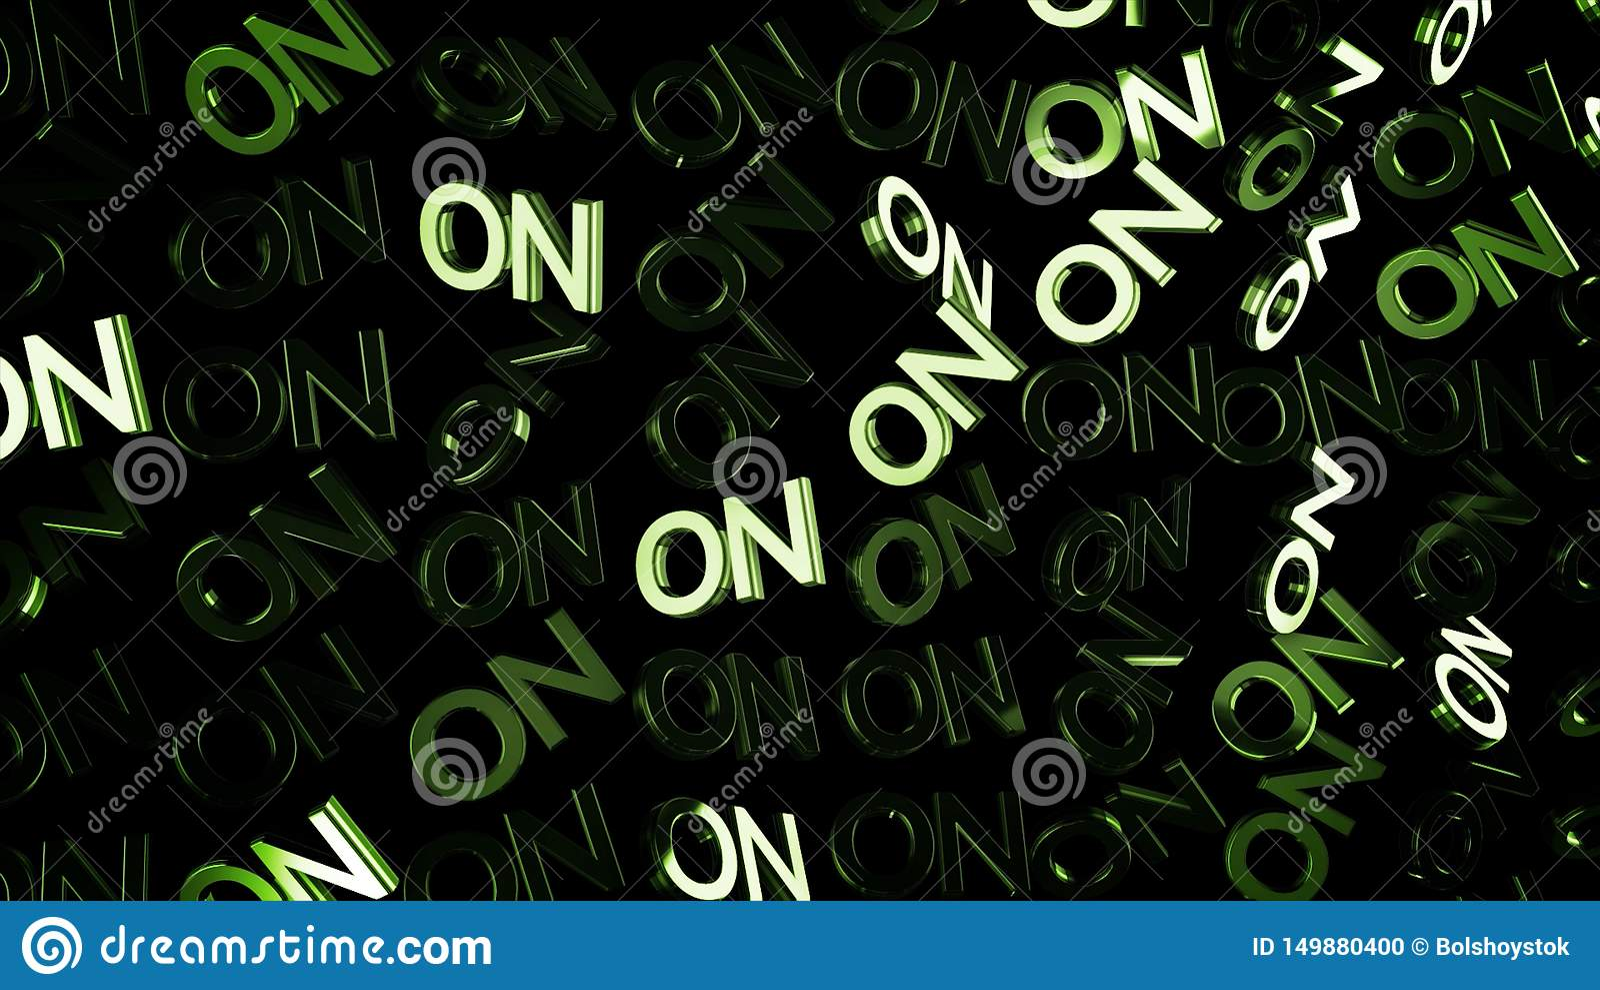 Zamyka w górę wiele słów DALEJ w zielonym kolorze i strumieniu światło na czarnym tle dla animacja Kapitałowi anglików listy